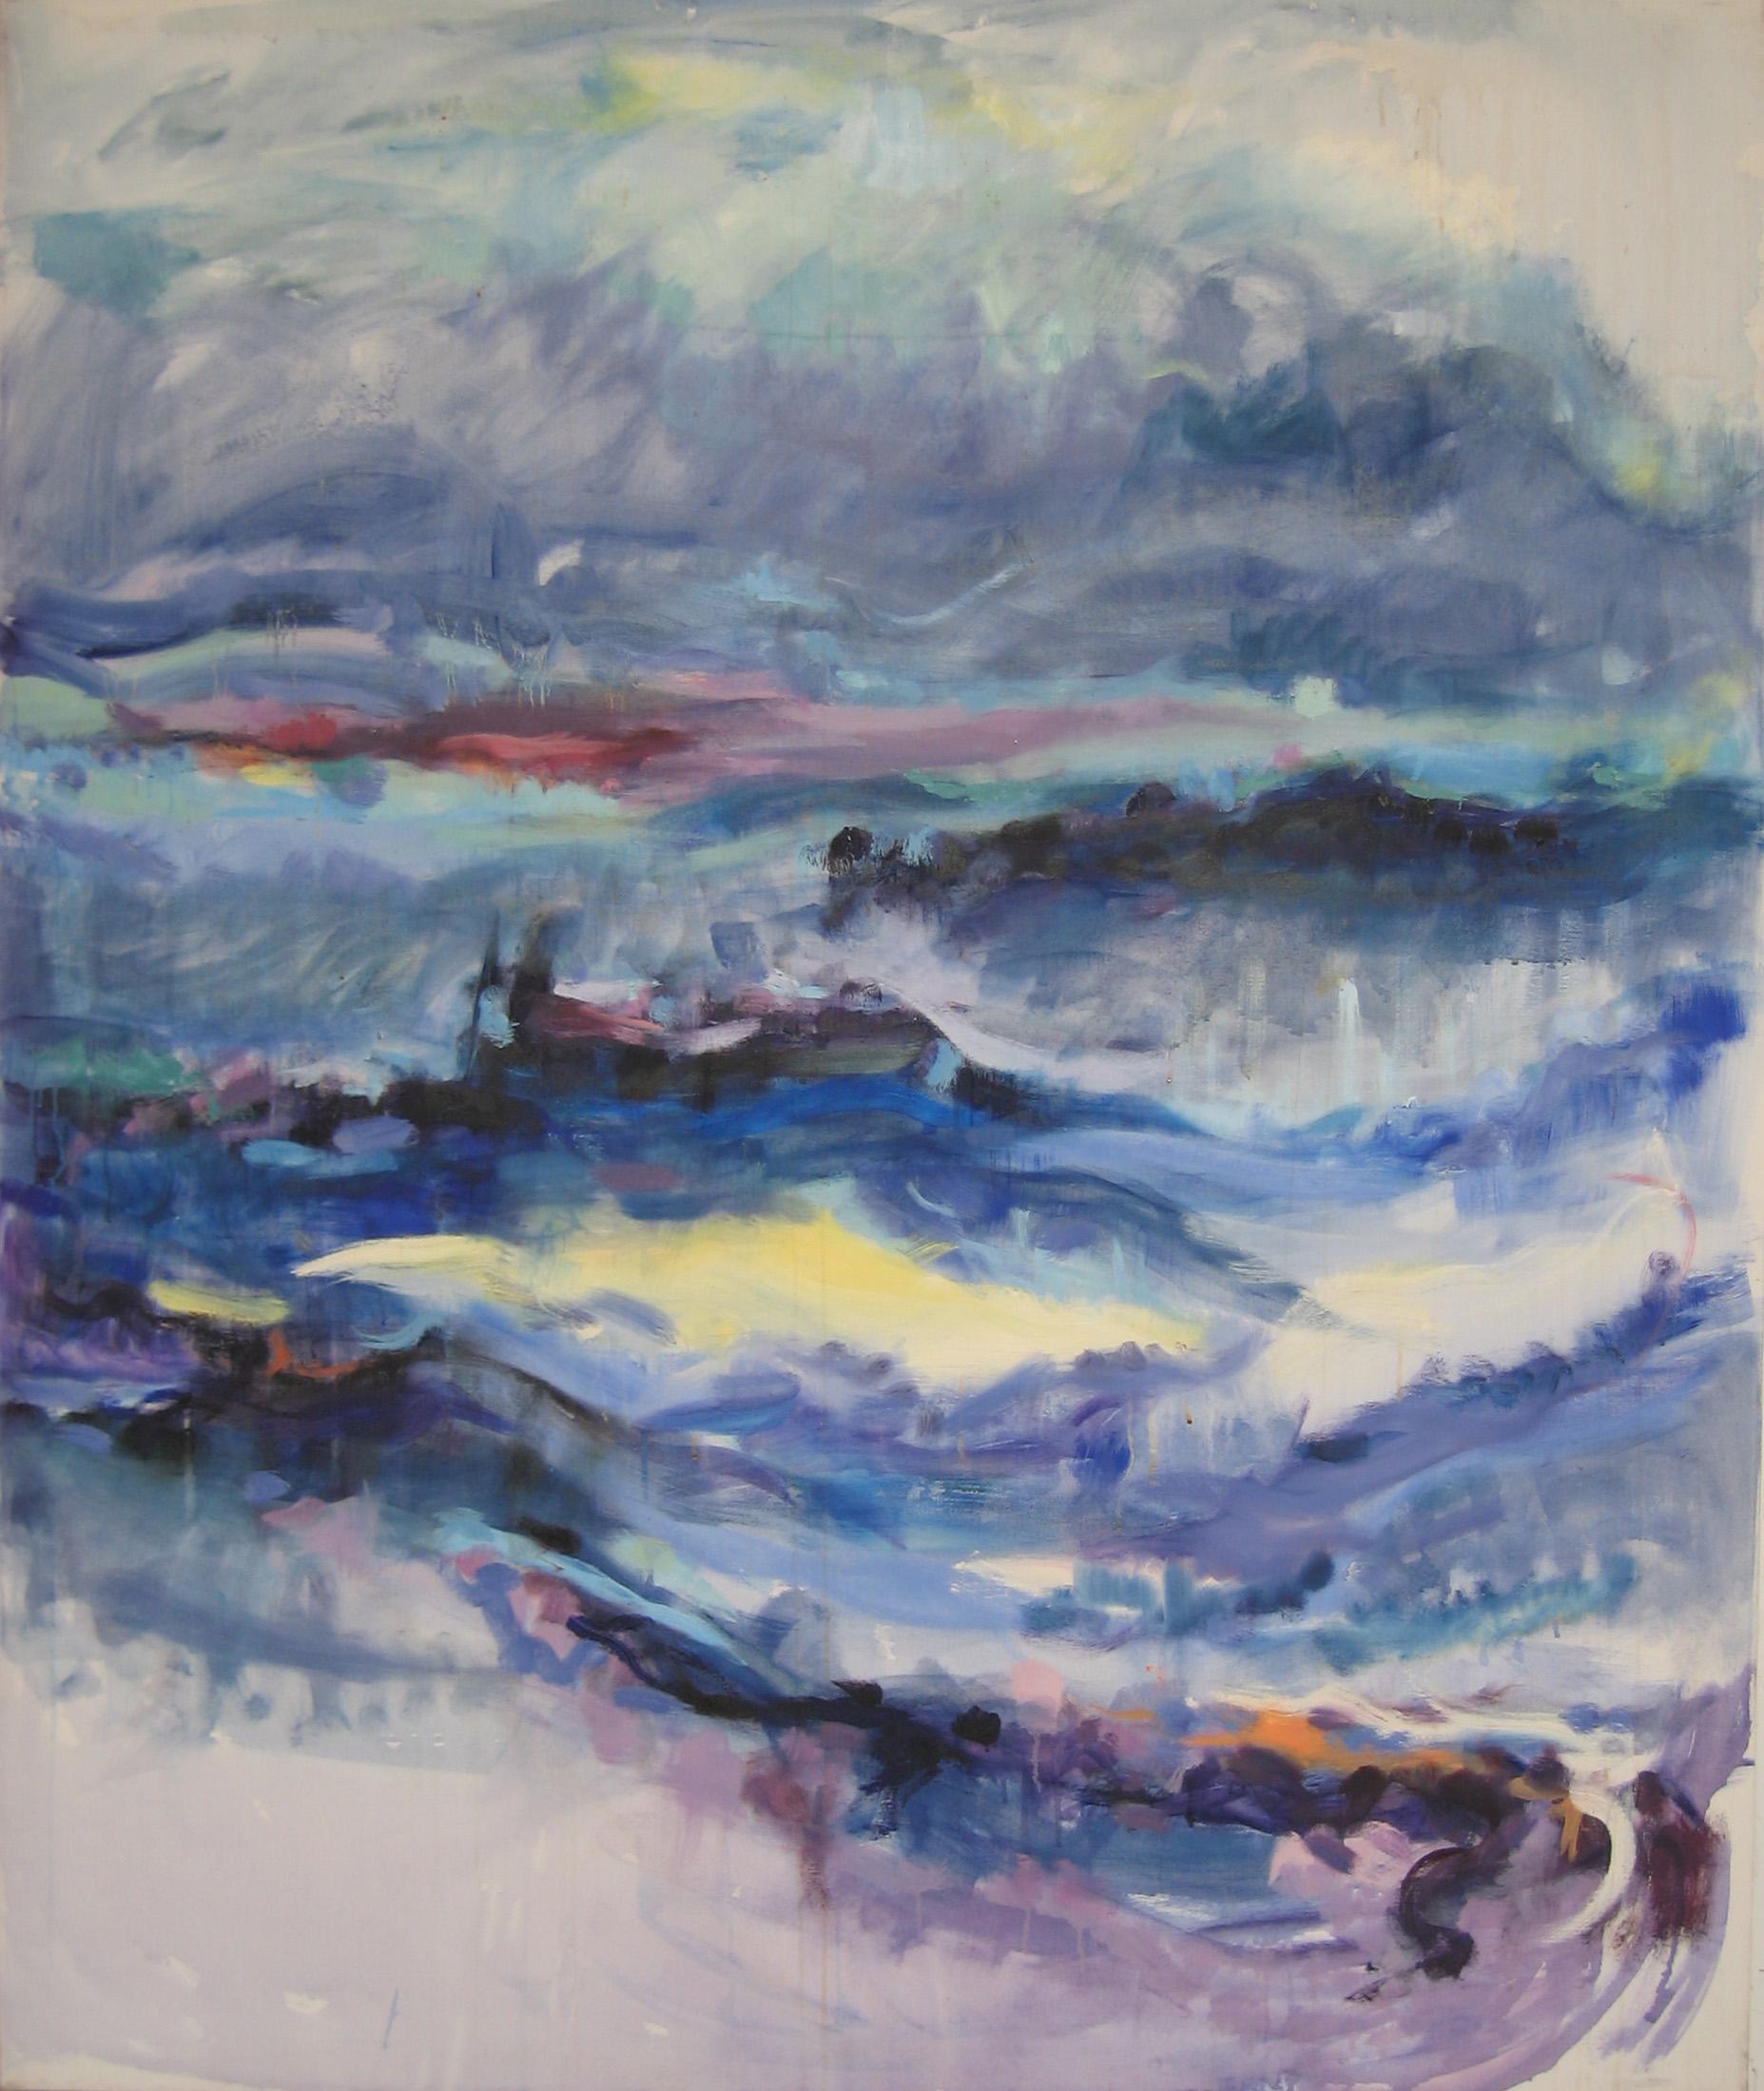 Del mare e Cielo, 60 X 72, oil on canvas, Kristin Barton 1998.JPG